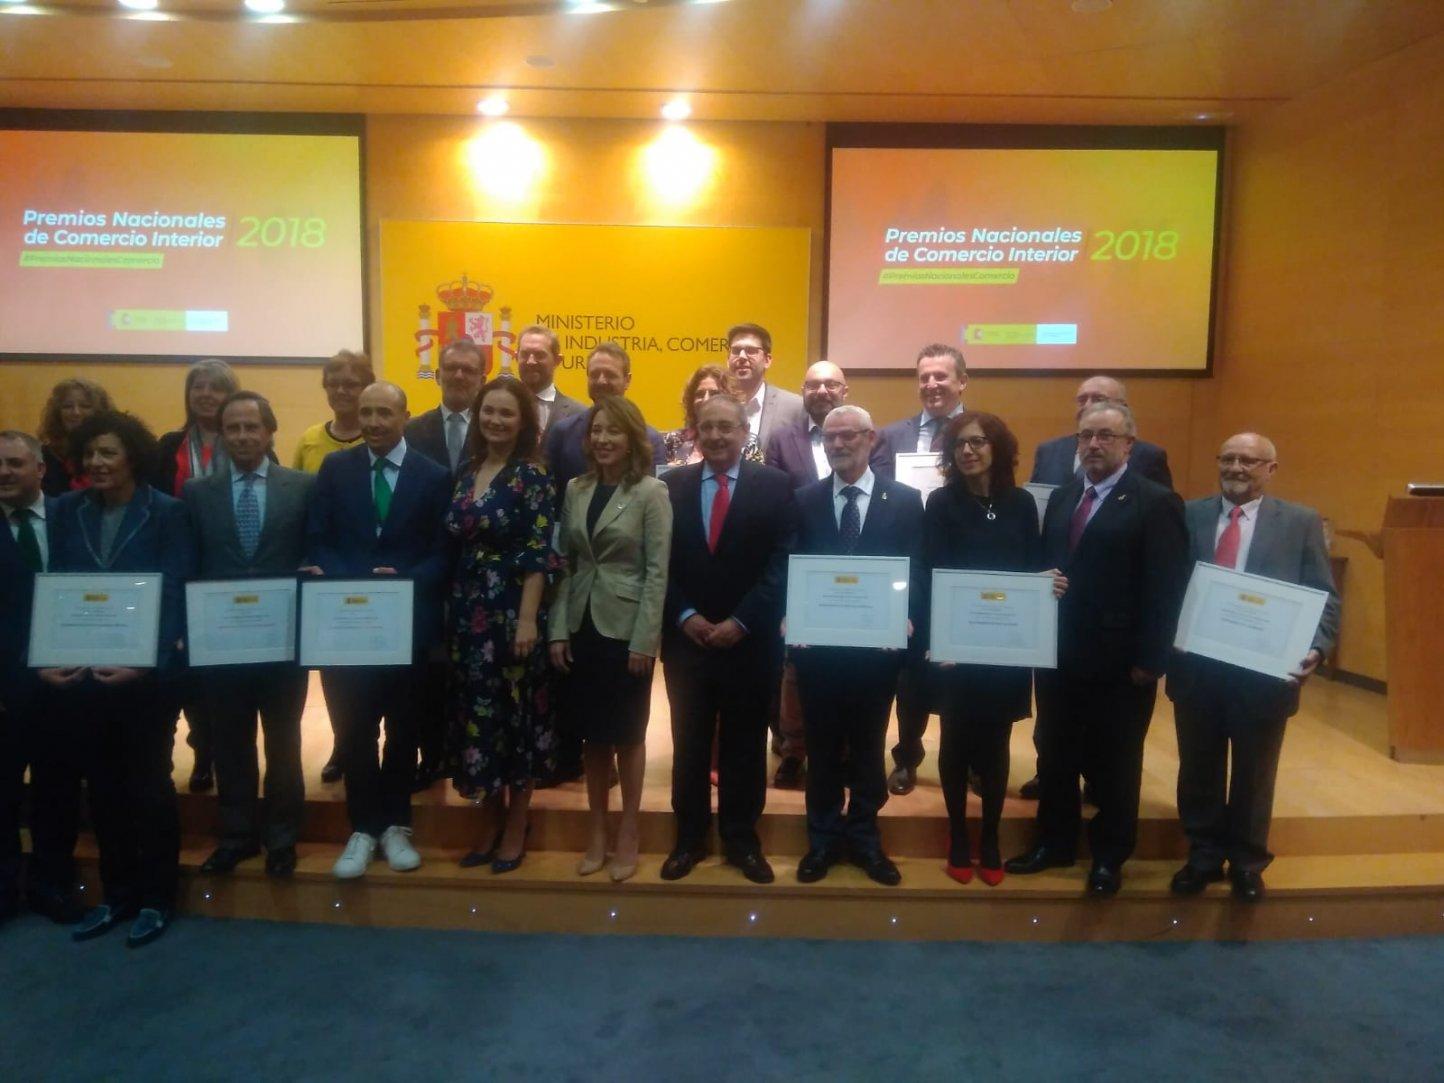 Entrega de Premios Nacionales al Comercio: accésit honorífico a Complementoslamonsita.com - Img 3